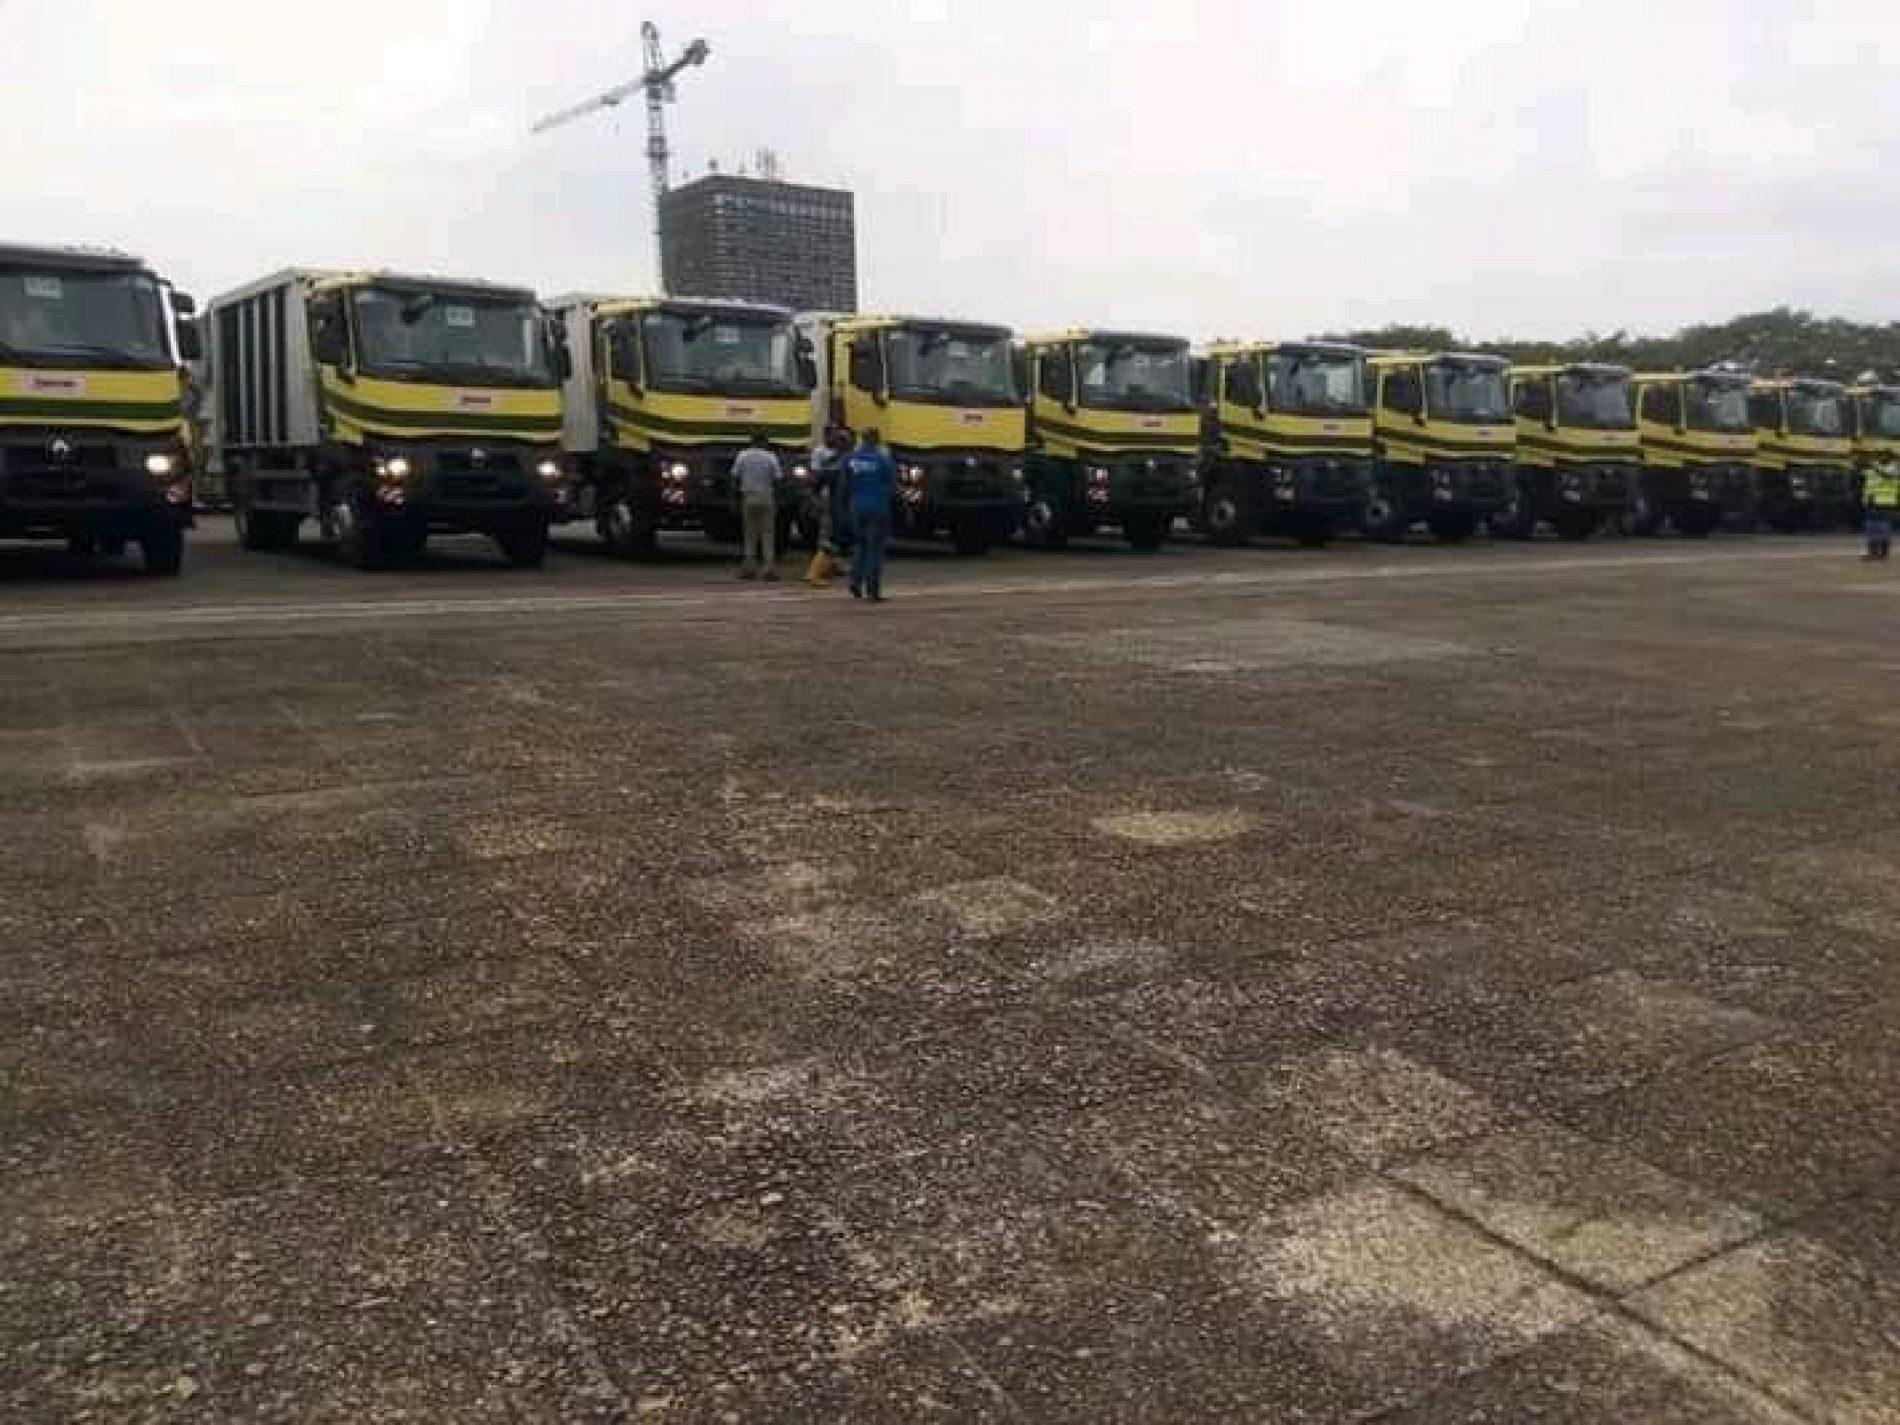 Assainissement urbain : 42 nouveaux camions réceptionnés par HYSACAM